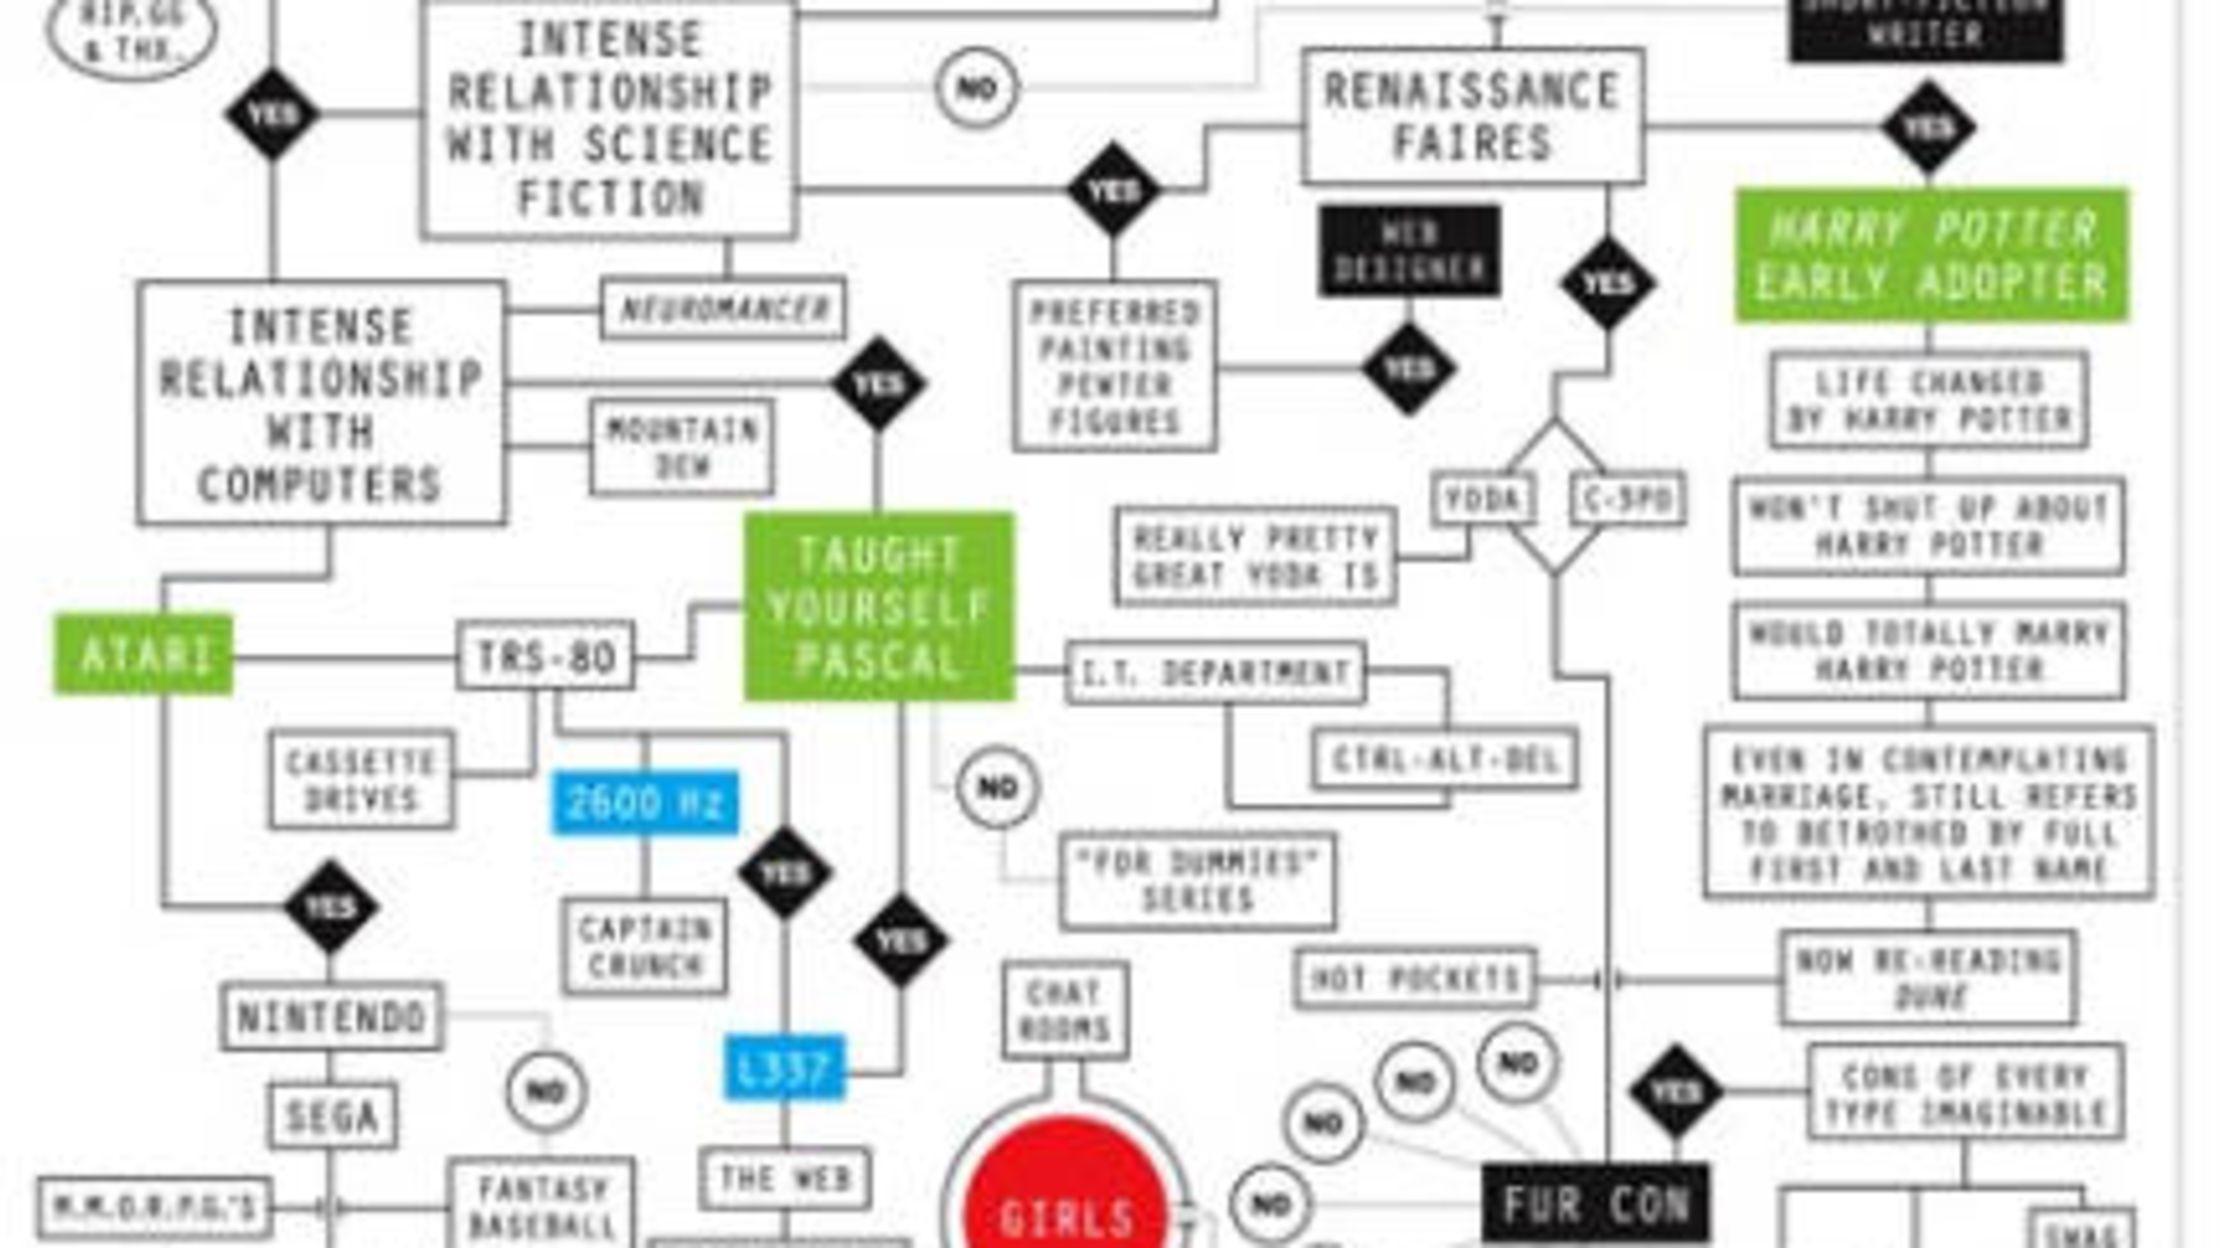 7 Geeky Flowcharts